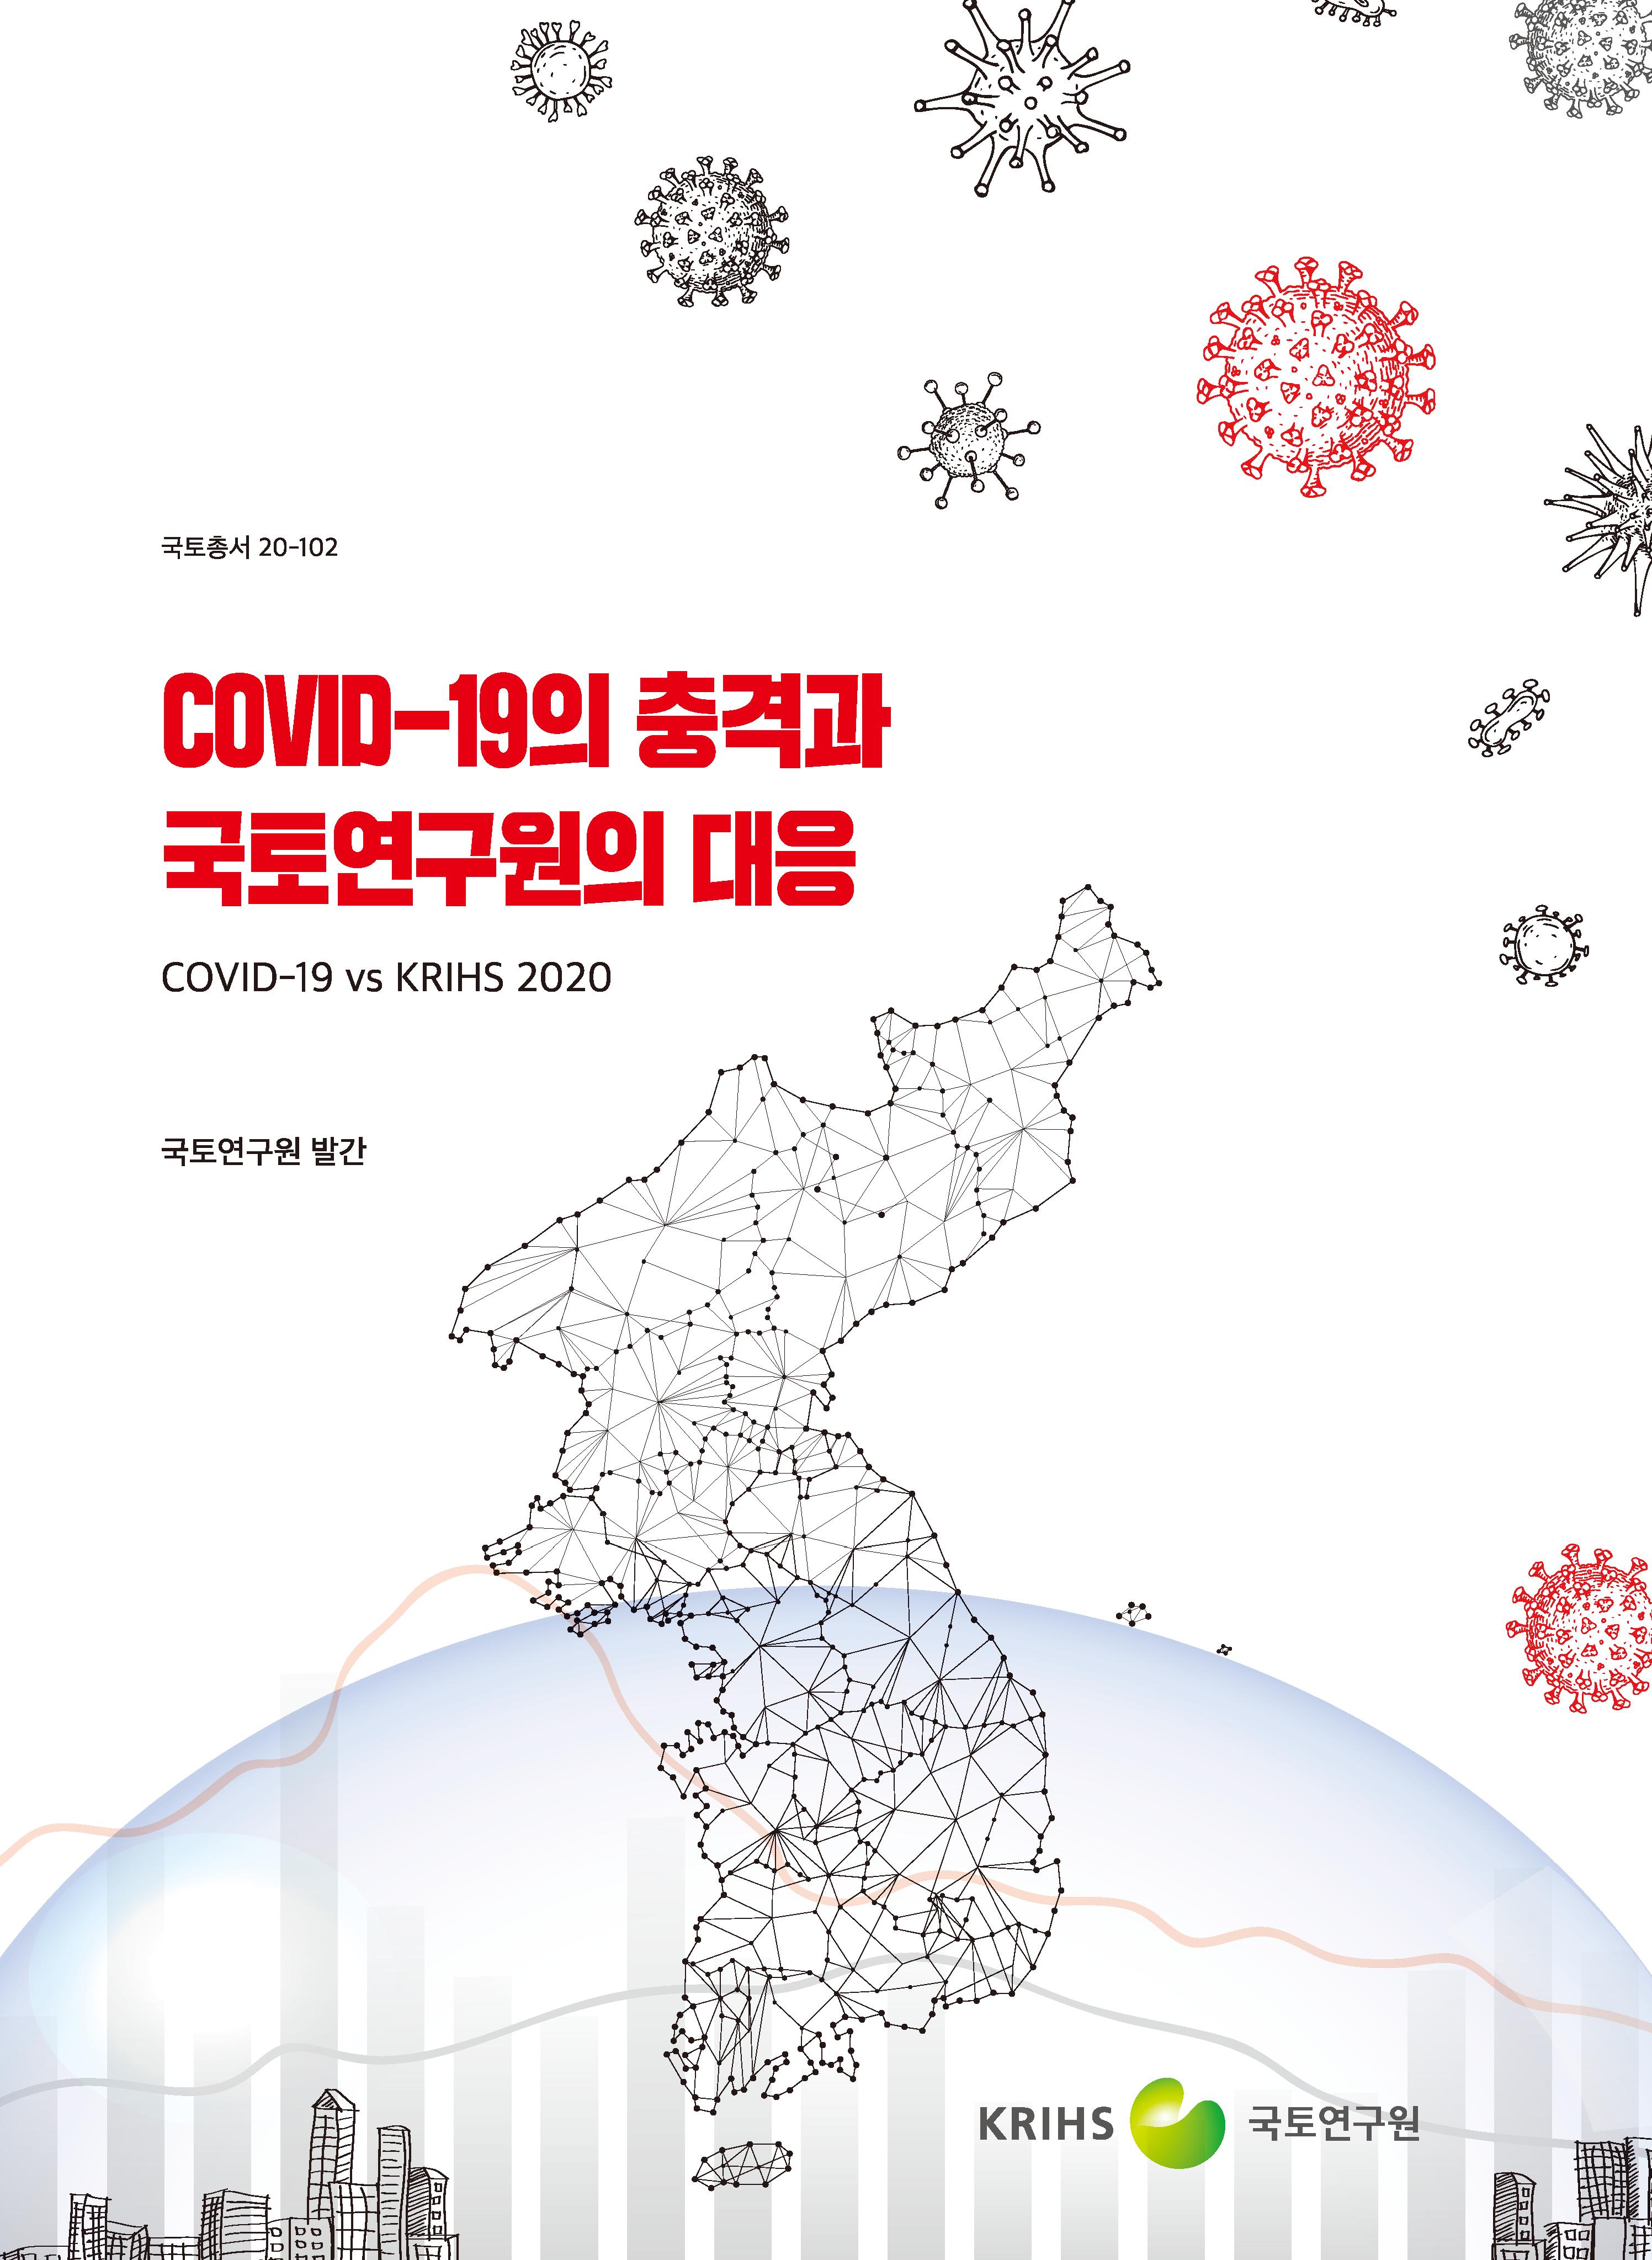 [국토총서 20-102] COVID-19의 충격과 국토연구원의 대응표지